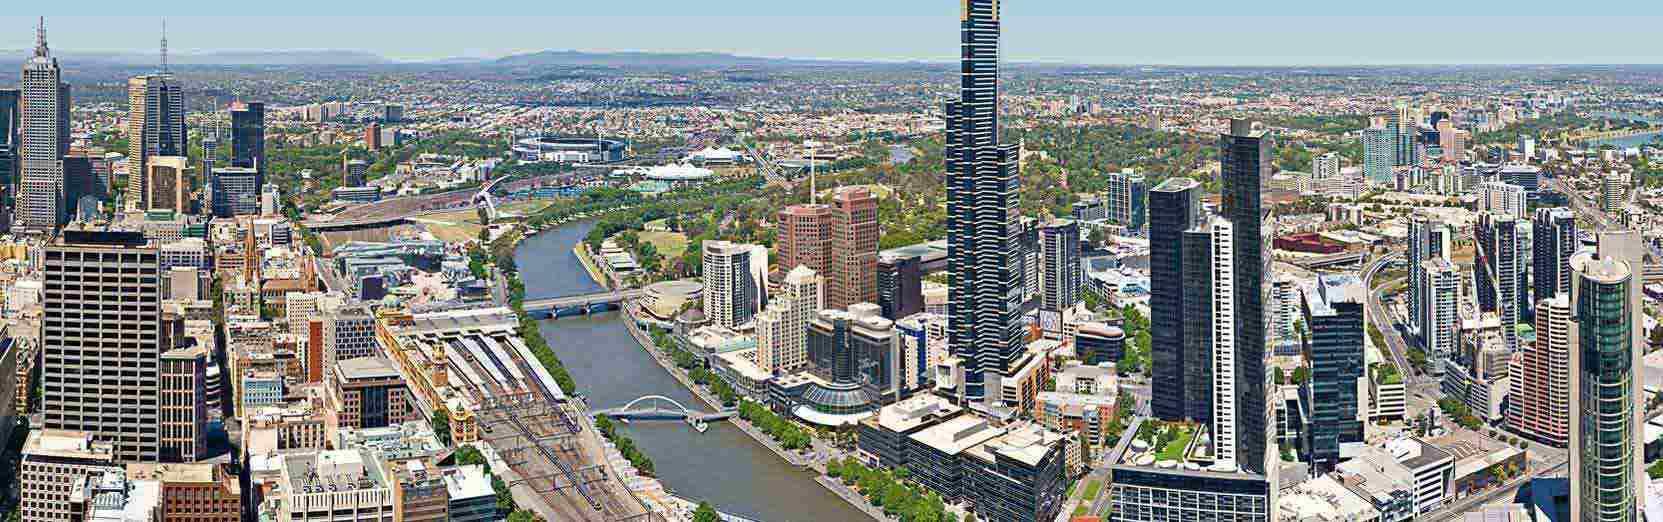 Auto mieten in Melbourne